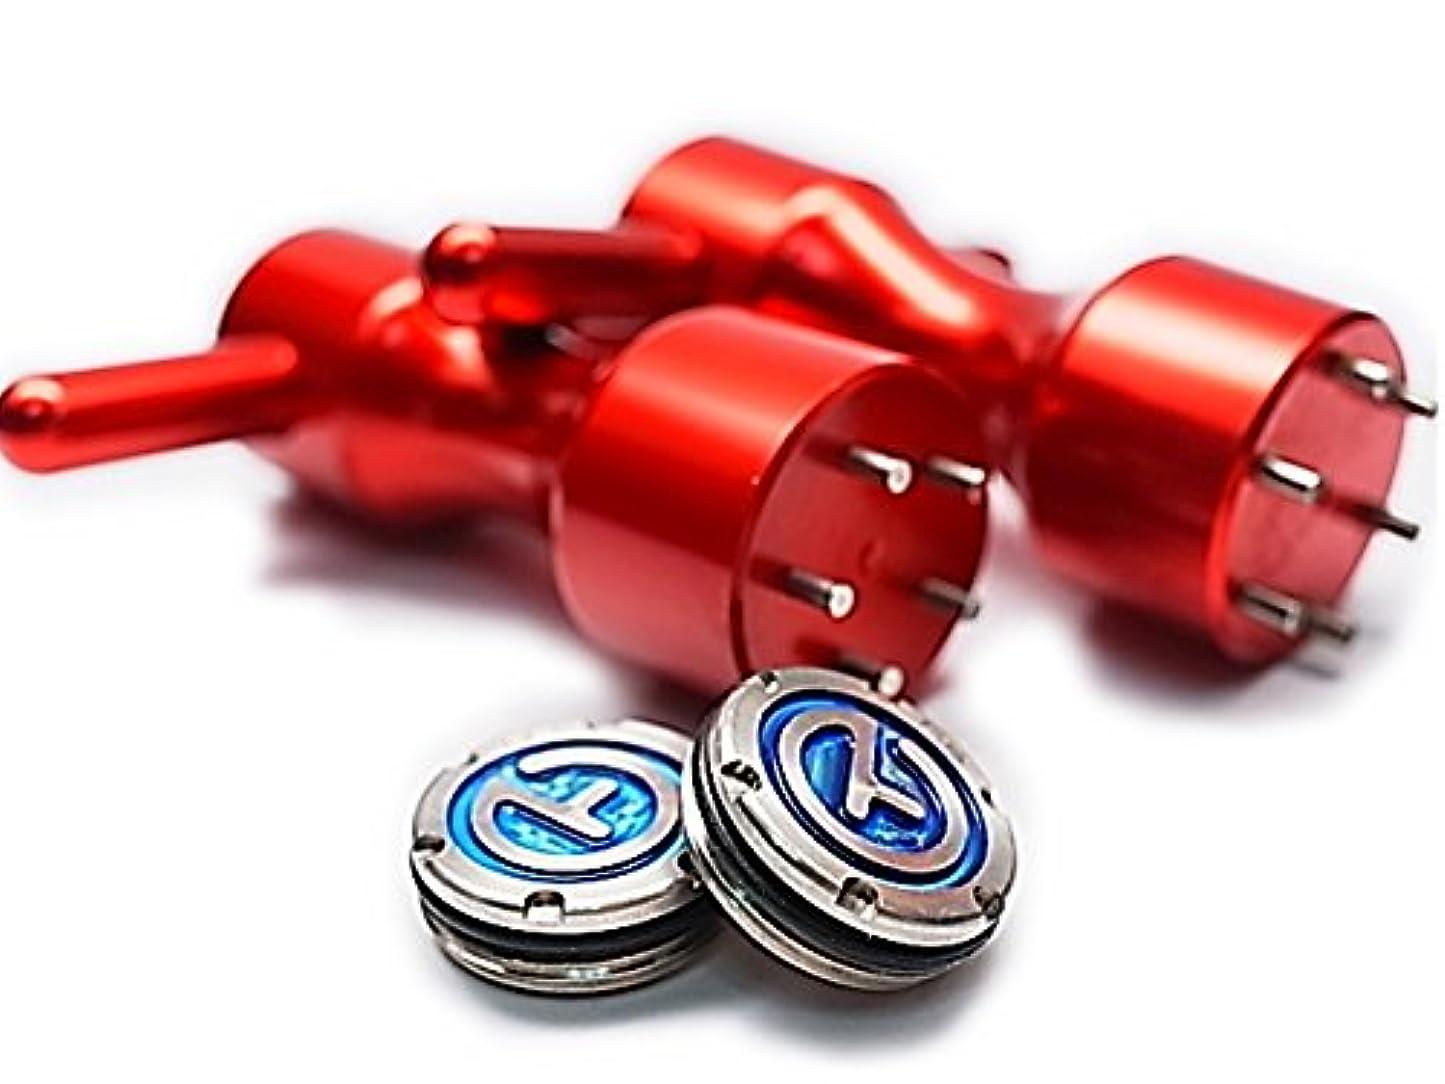 揺れるポータブル収束取付専用レンチ2個セット★スコッティー キャメロン用 サークルT X5R カスタム ウェイト 30g (BLUE)